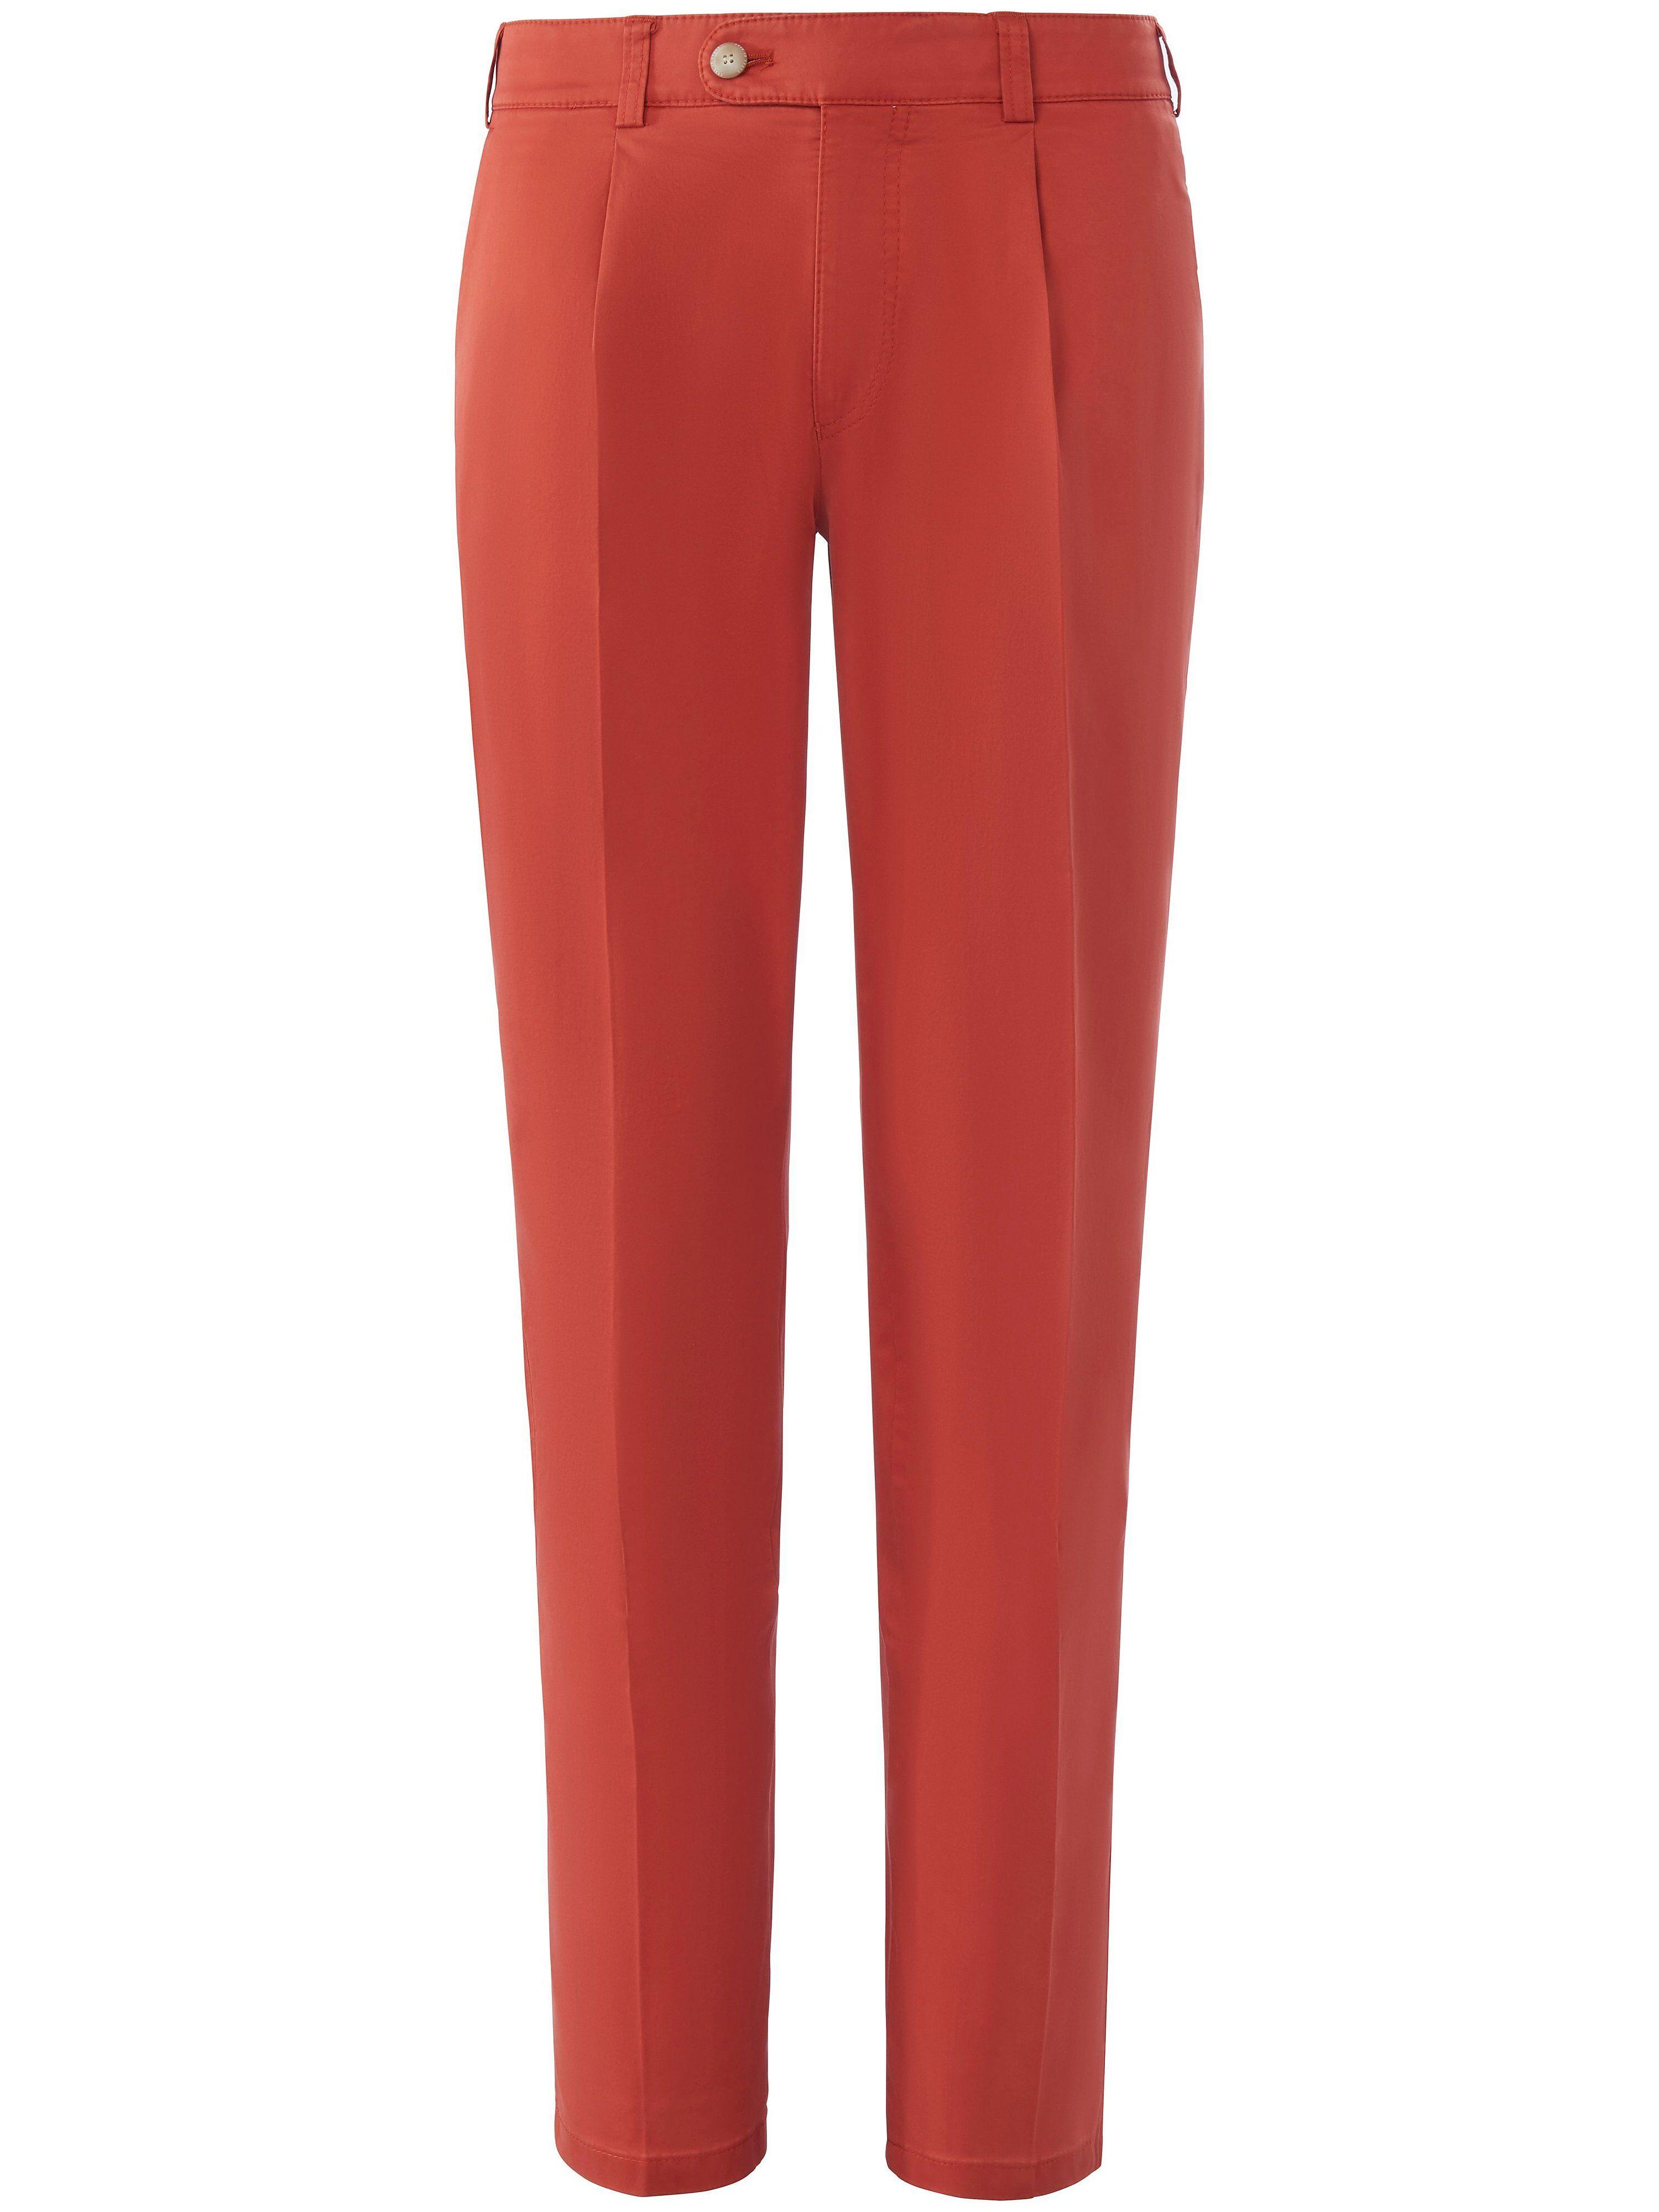 Brax Le pantalon à pinces modèle Luis  Eurex by Brax rouge  - Homme - 25